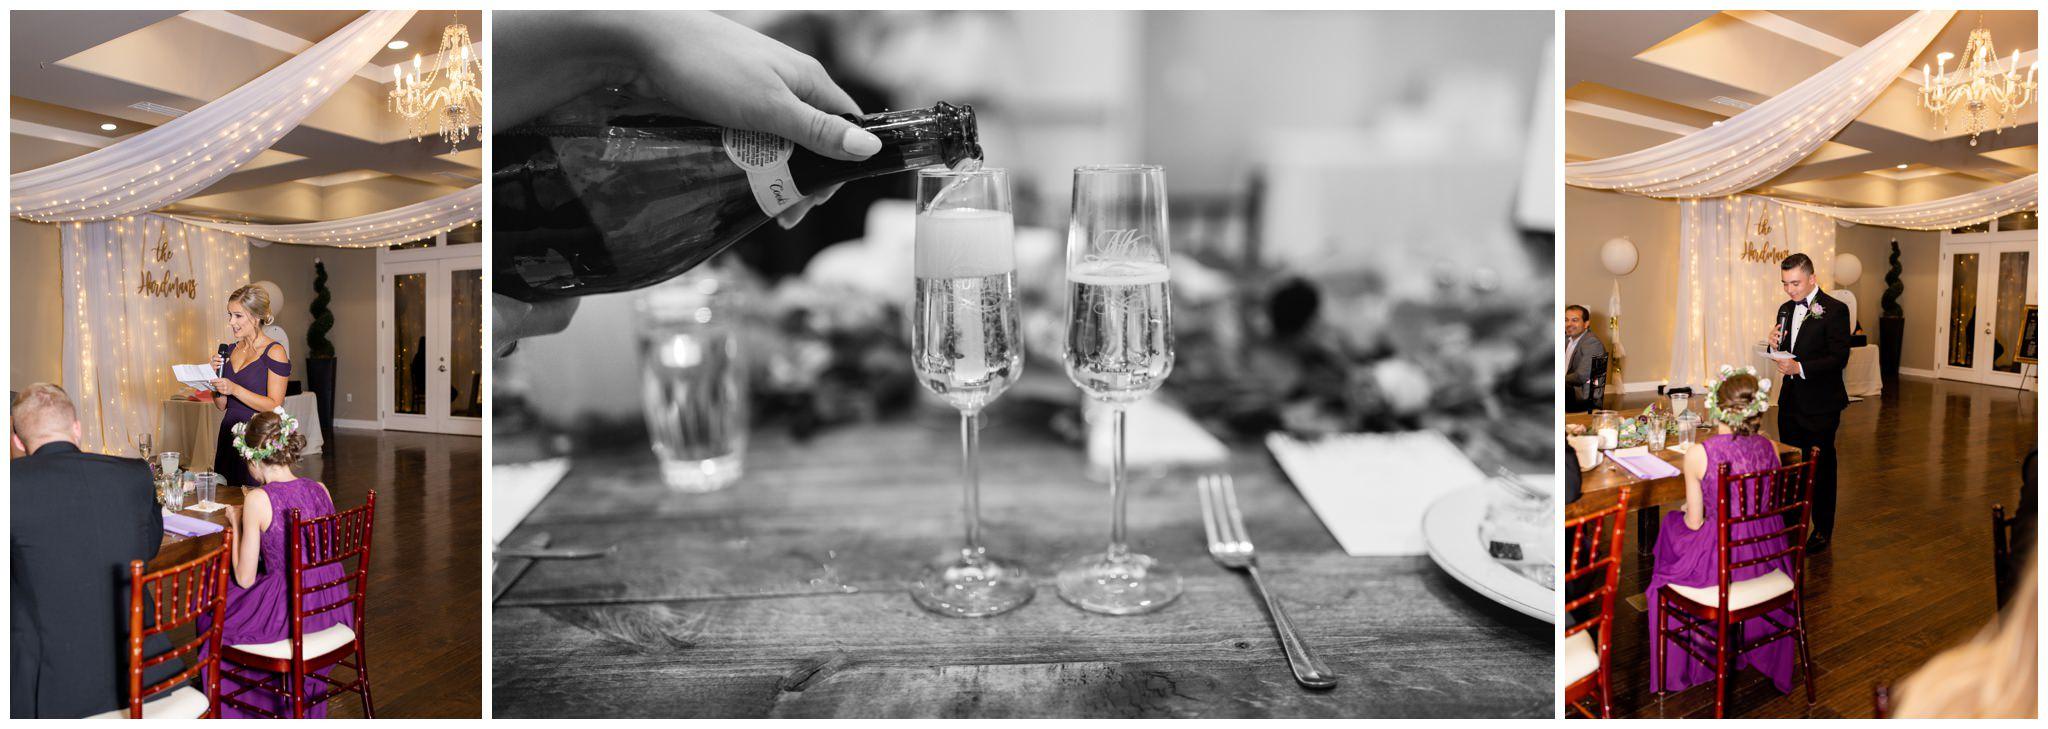 Wedding toast at wedding venue in utah